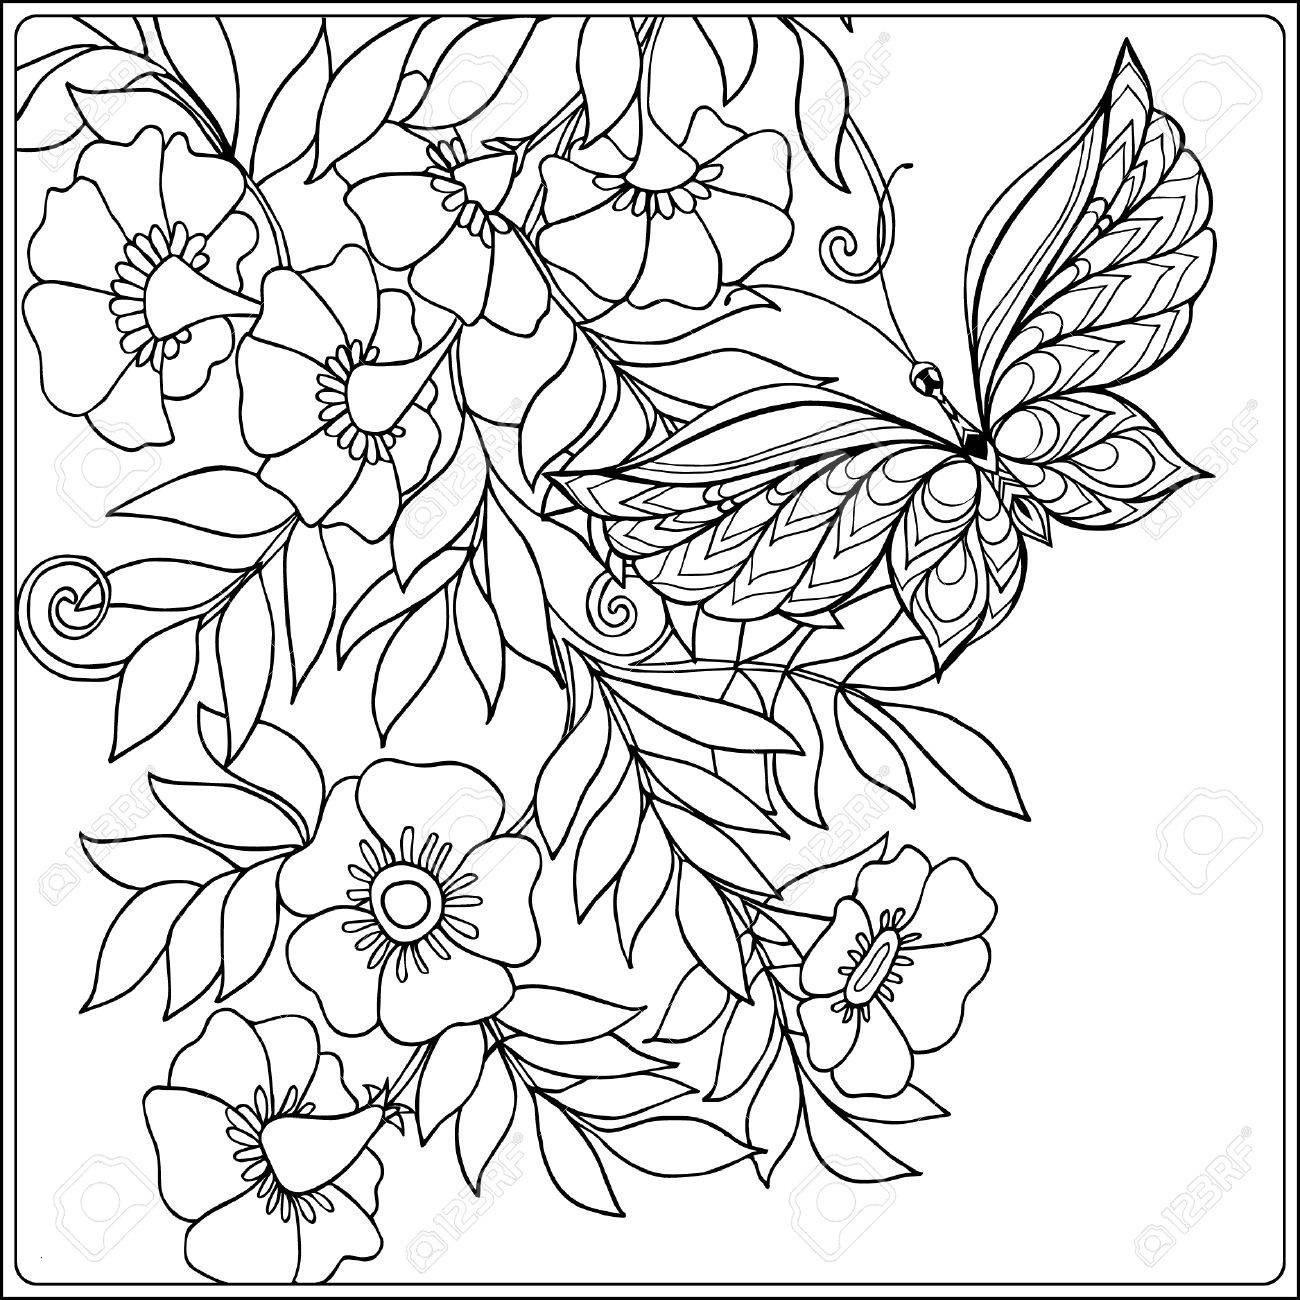 Malvorlagen Blumen Ranken Einzigartig Ausmalbilder Rosen Ranken Elegant Malvorlagen Blumenmotive Neu Fotografieren